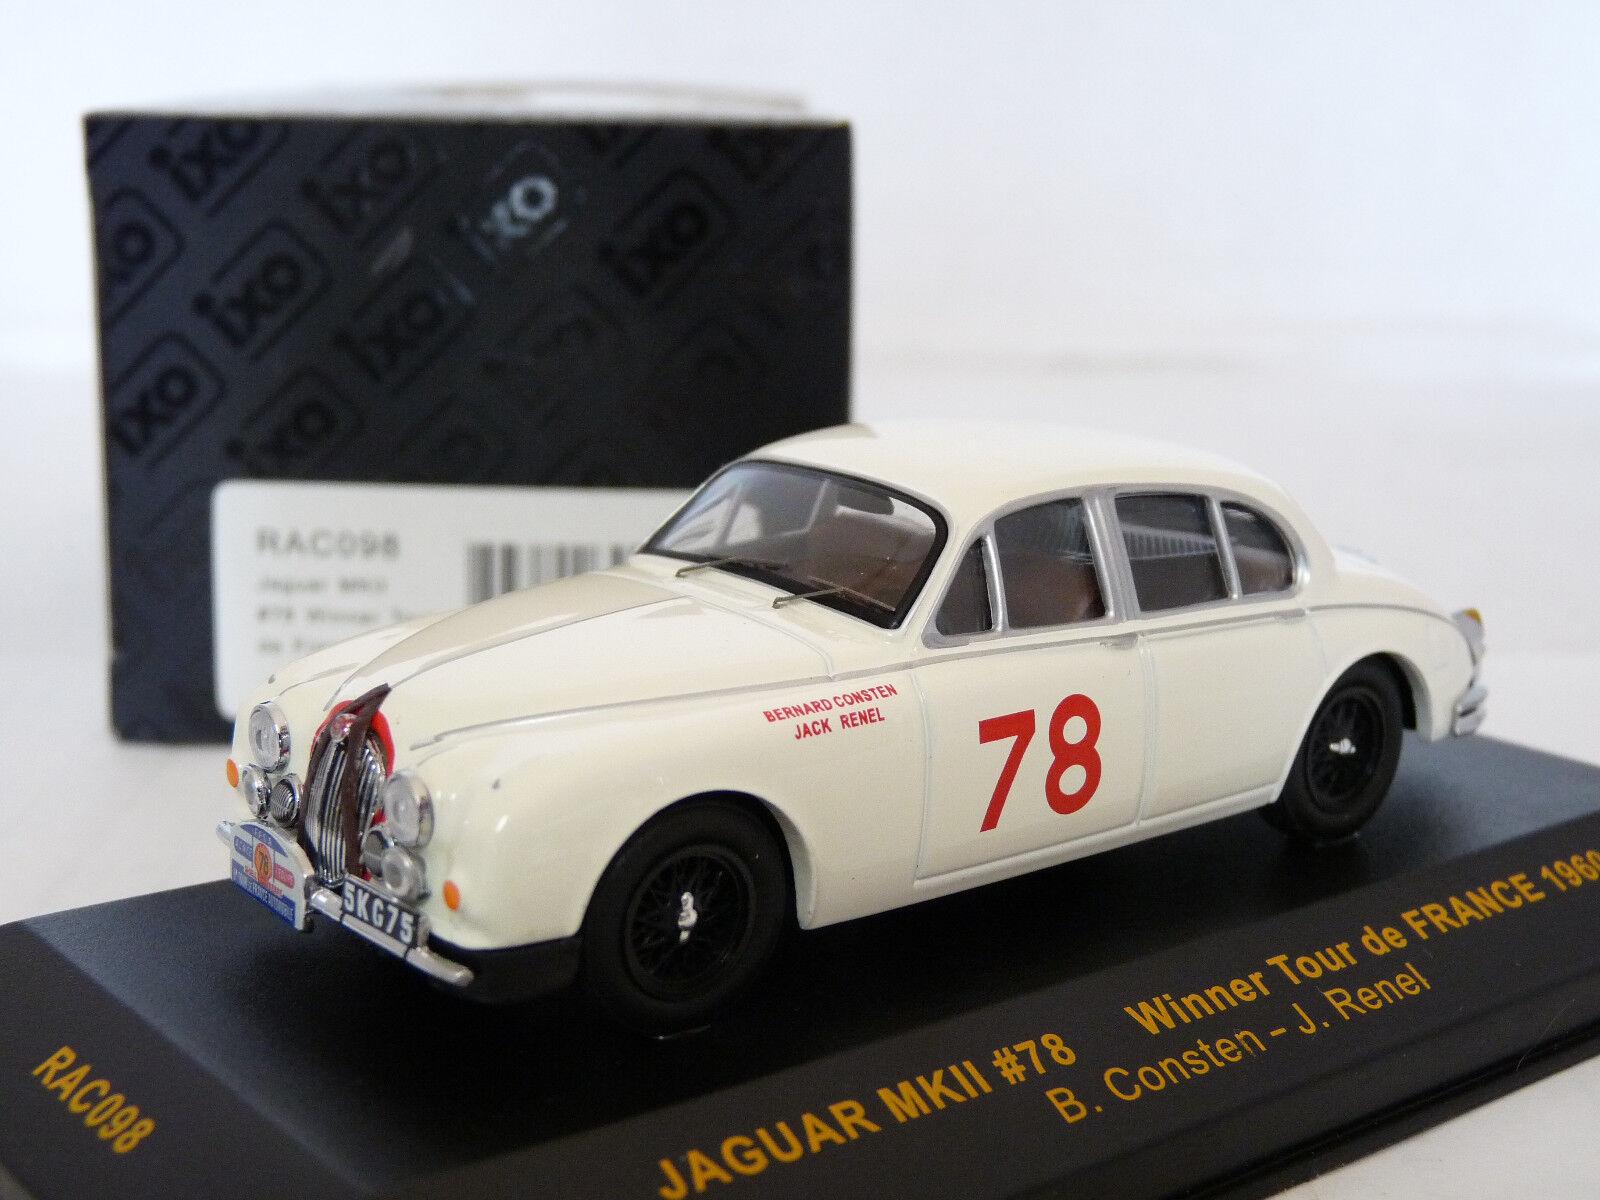 Ixo RAC098 1 43 Jaguar Mk.II Tour de France 1960 Diecast Metal Model Car